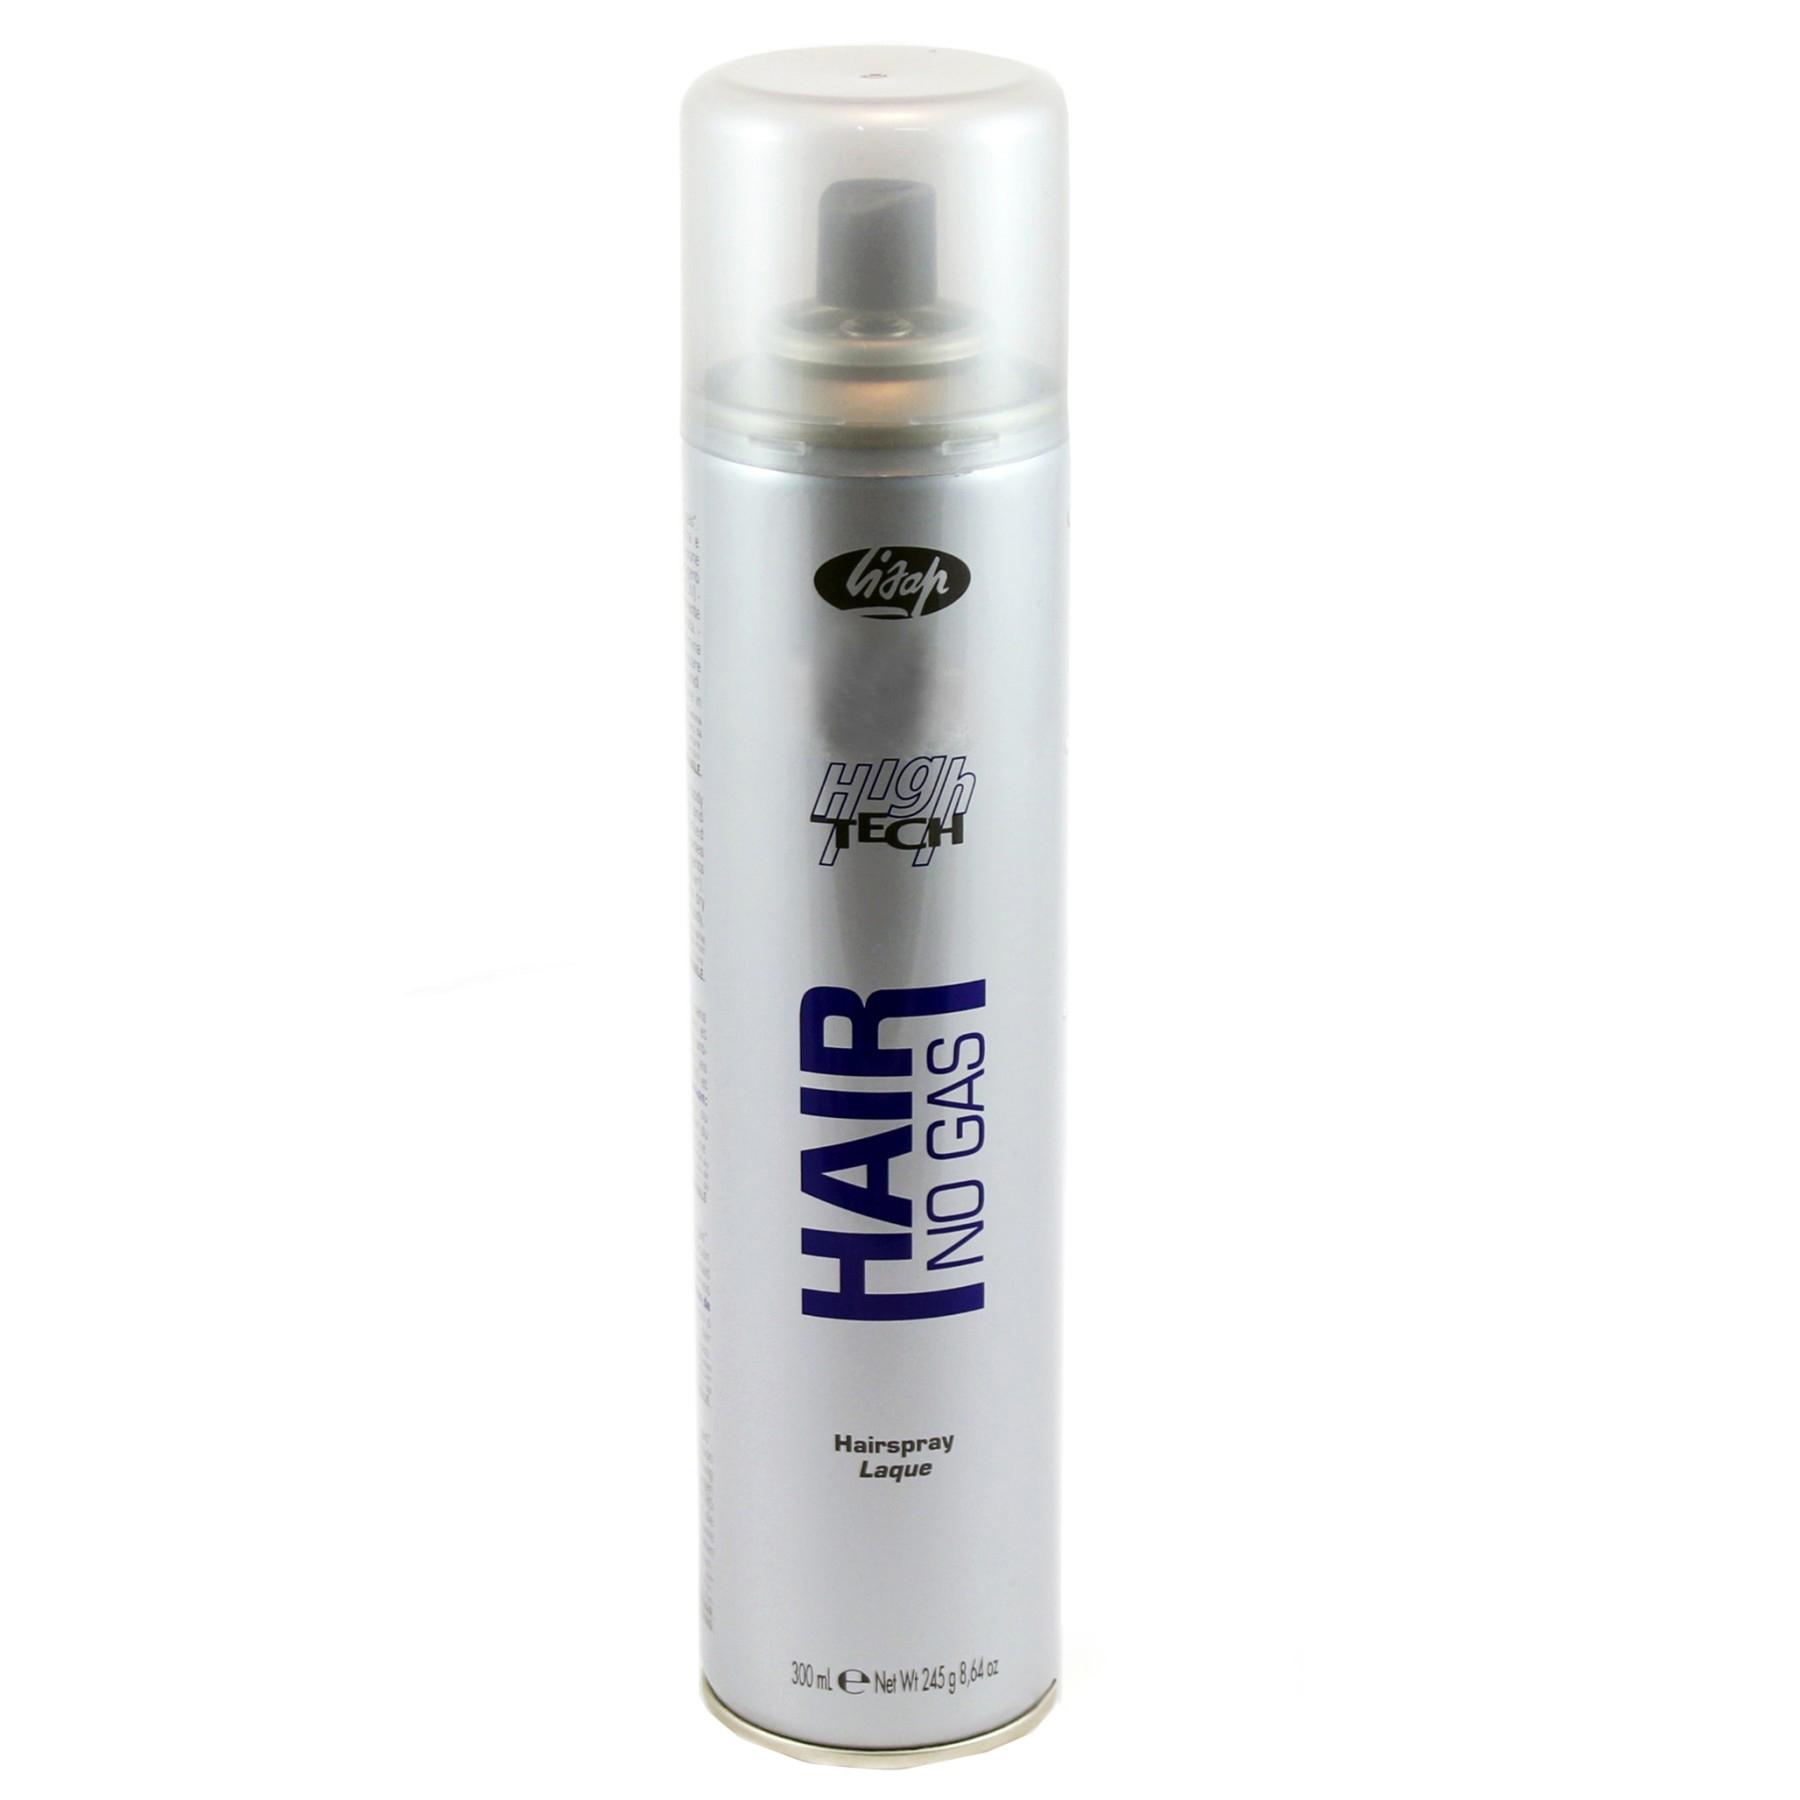 Купить Стайлинг волос Lisap, Лак для волос без газа Lisap High Tech Hair No Gas Hairspray нормальной фиксации 300 мл